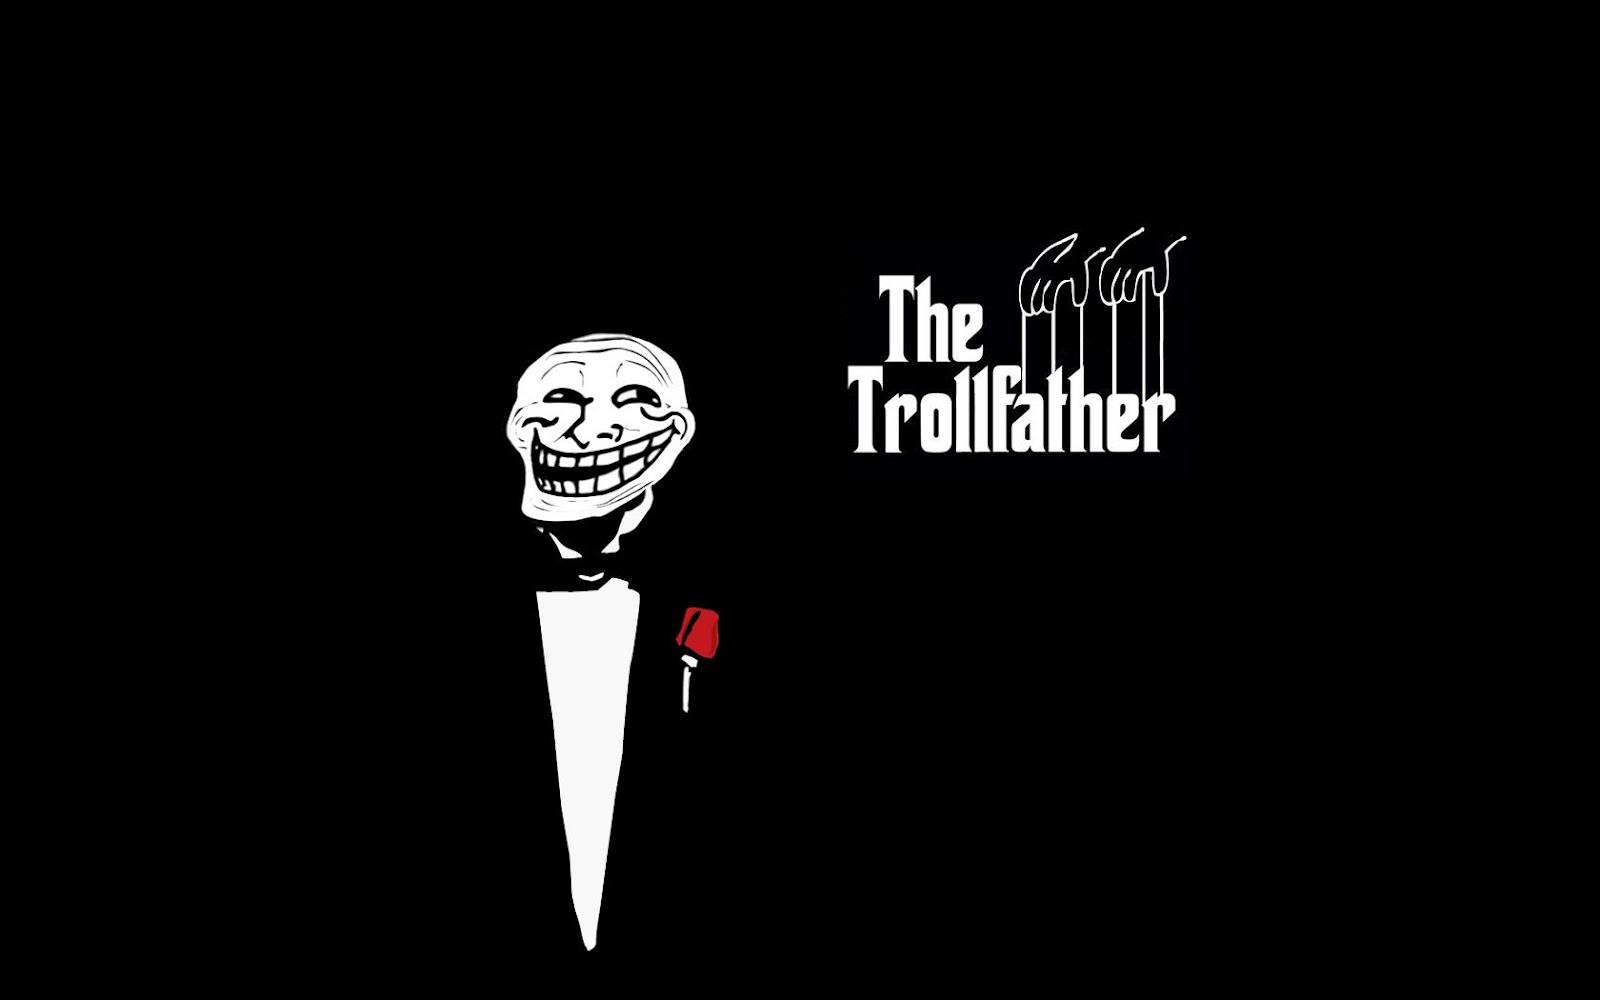 Funny Trollface Meme HD Wallpaper My image 1600x1000